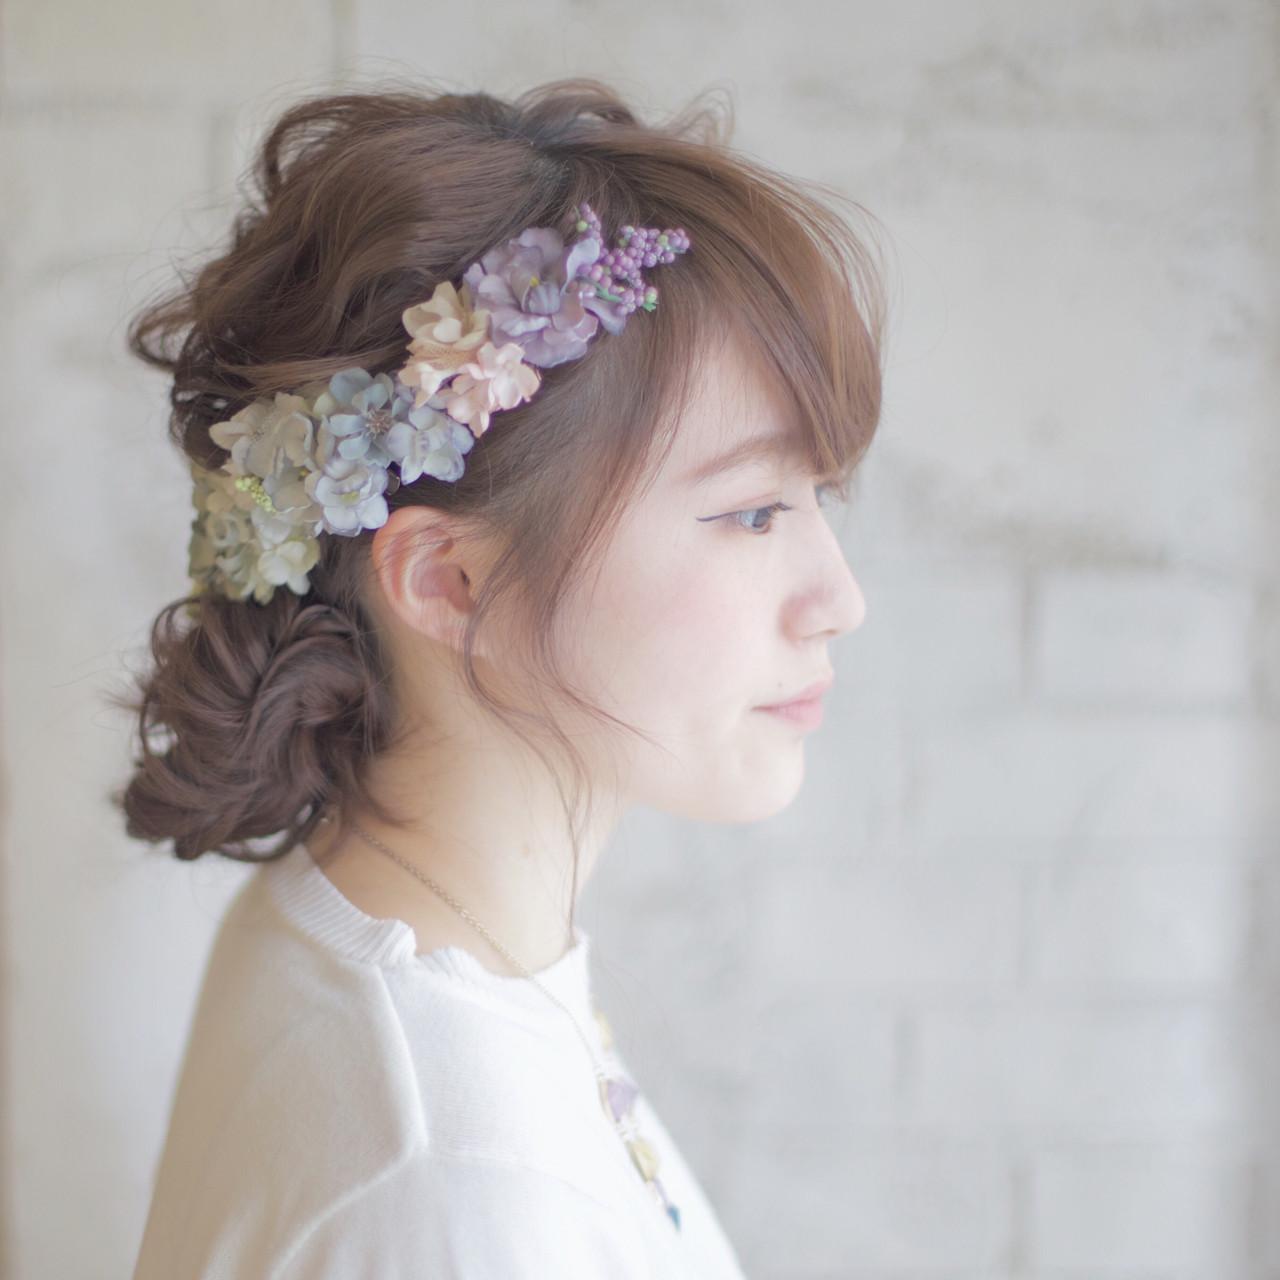 ヘアアレンジ ミディアム 花嫁 結婚式 ヘアスタイルや髪型の写真・画像